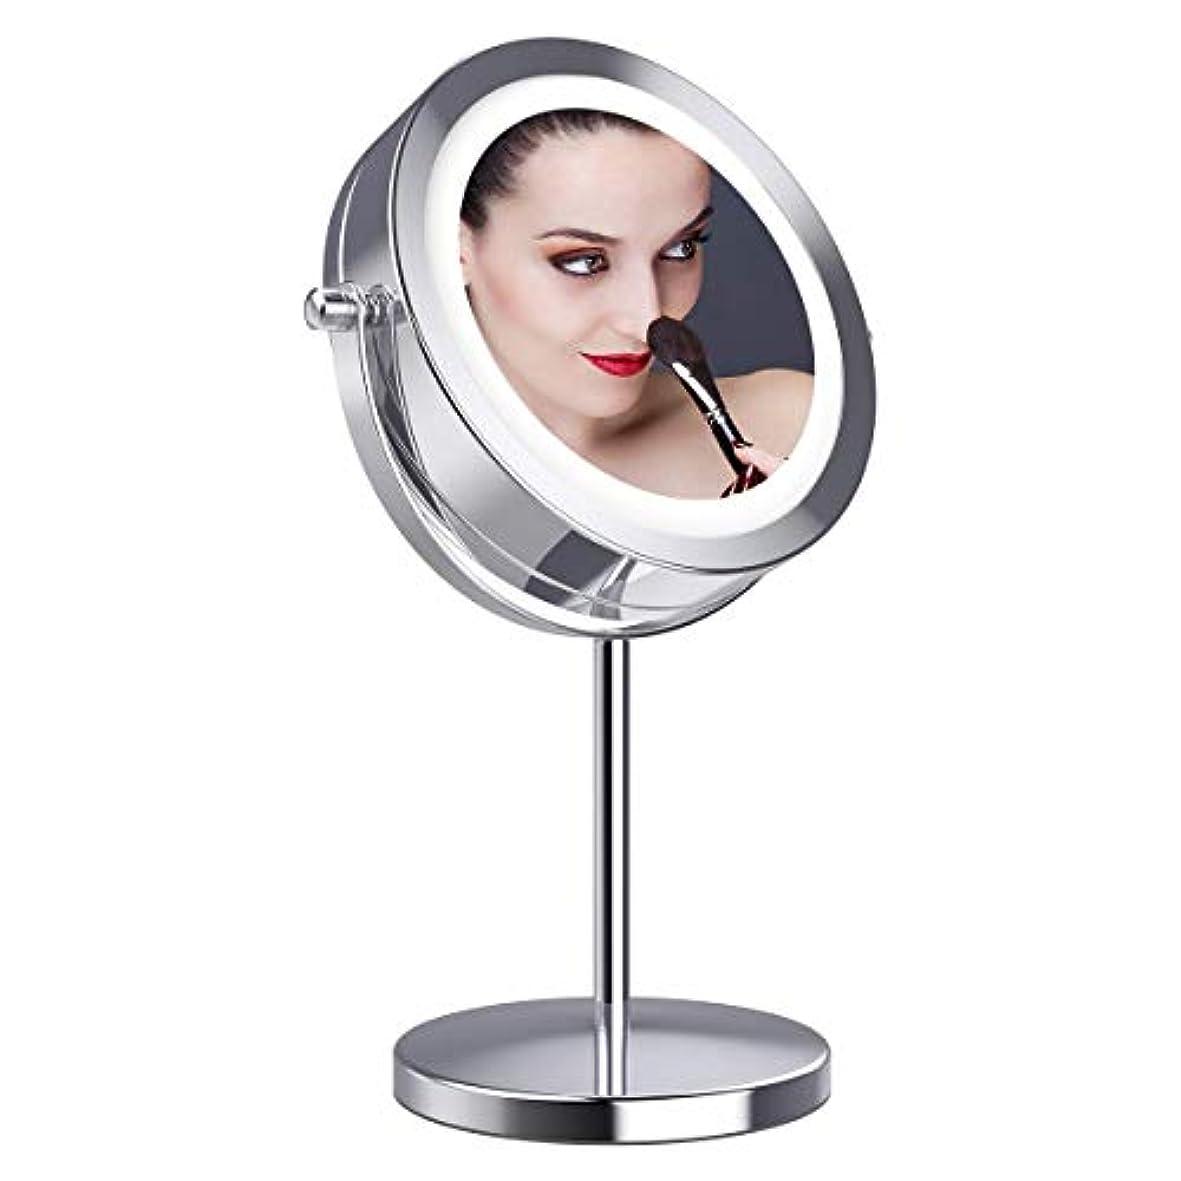 豊富にクロニクルおばあさん拡大鏡10倍 LED拡大鏡 化粧鏡 LEDミラー 卓上ミラーled 化粧ミラー 360度回転ミラー LEDライト付きミラー 真実の北欧風卓上鏡 卓上鏡 LED化粧鏡 両面化粧鏡 スタンドミラー「Gospire」